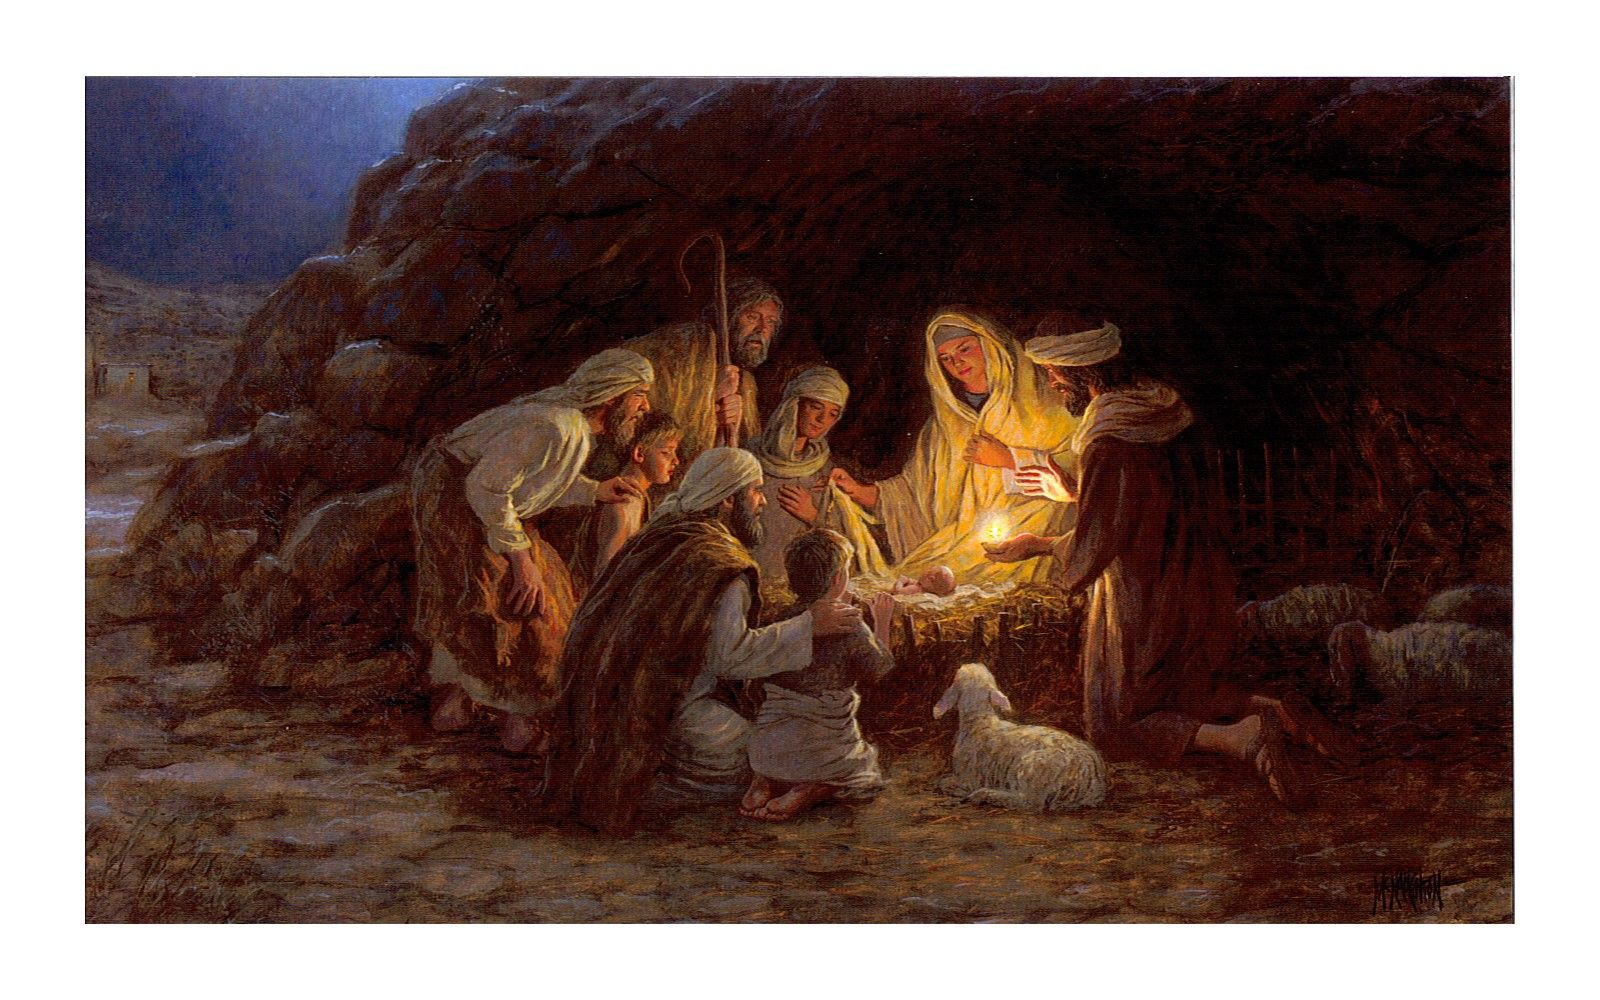 Julekortsmotivet Har Titlen Nativity Jesu Dsel